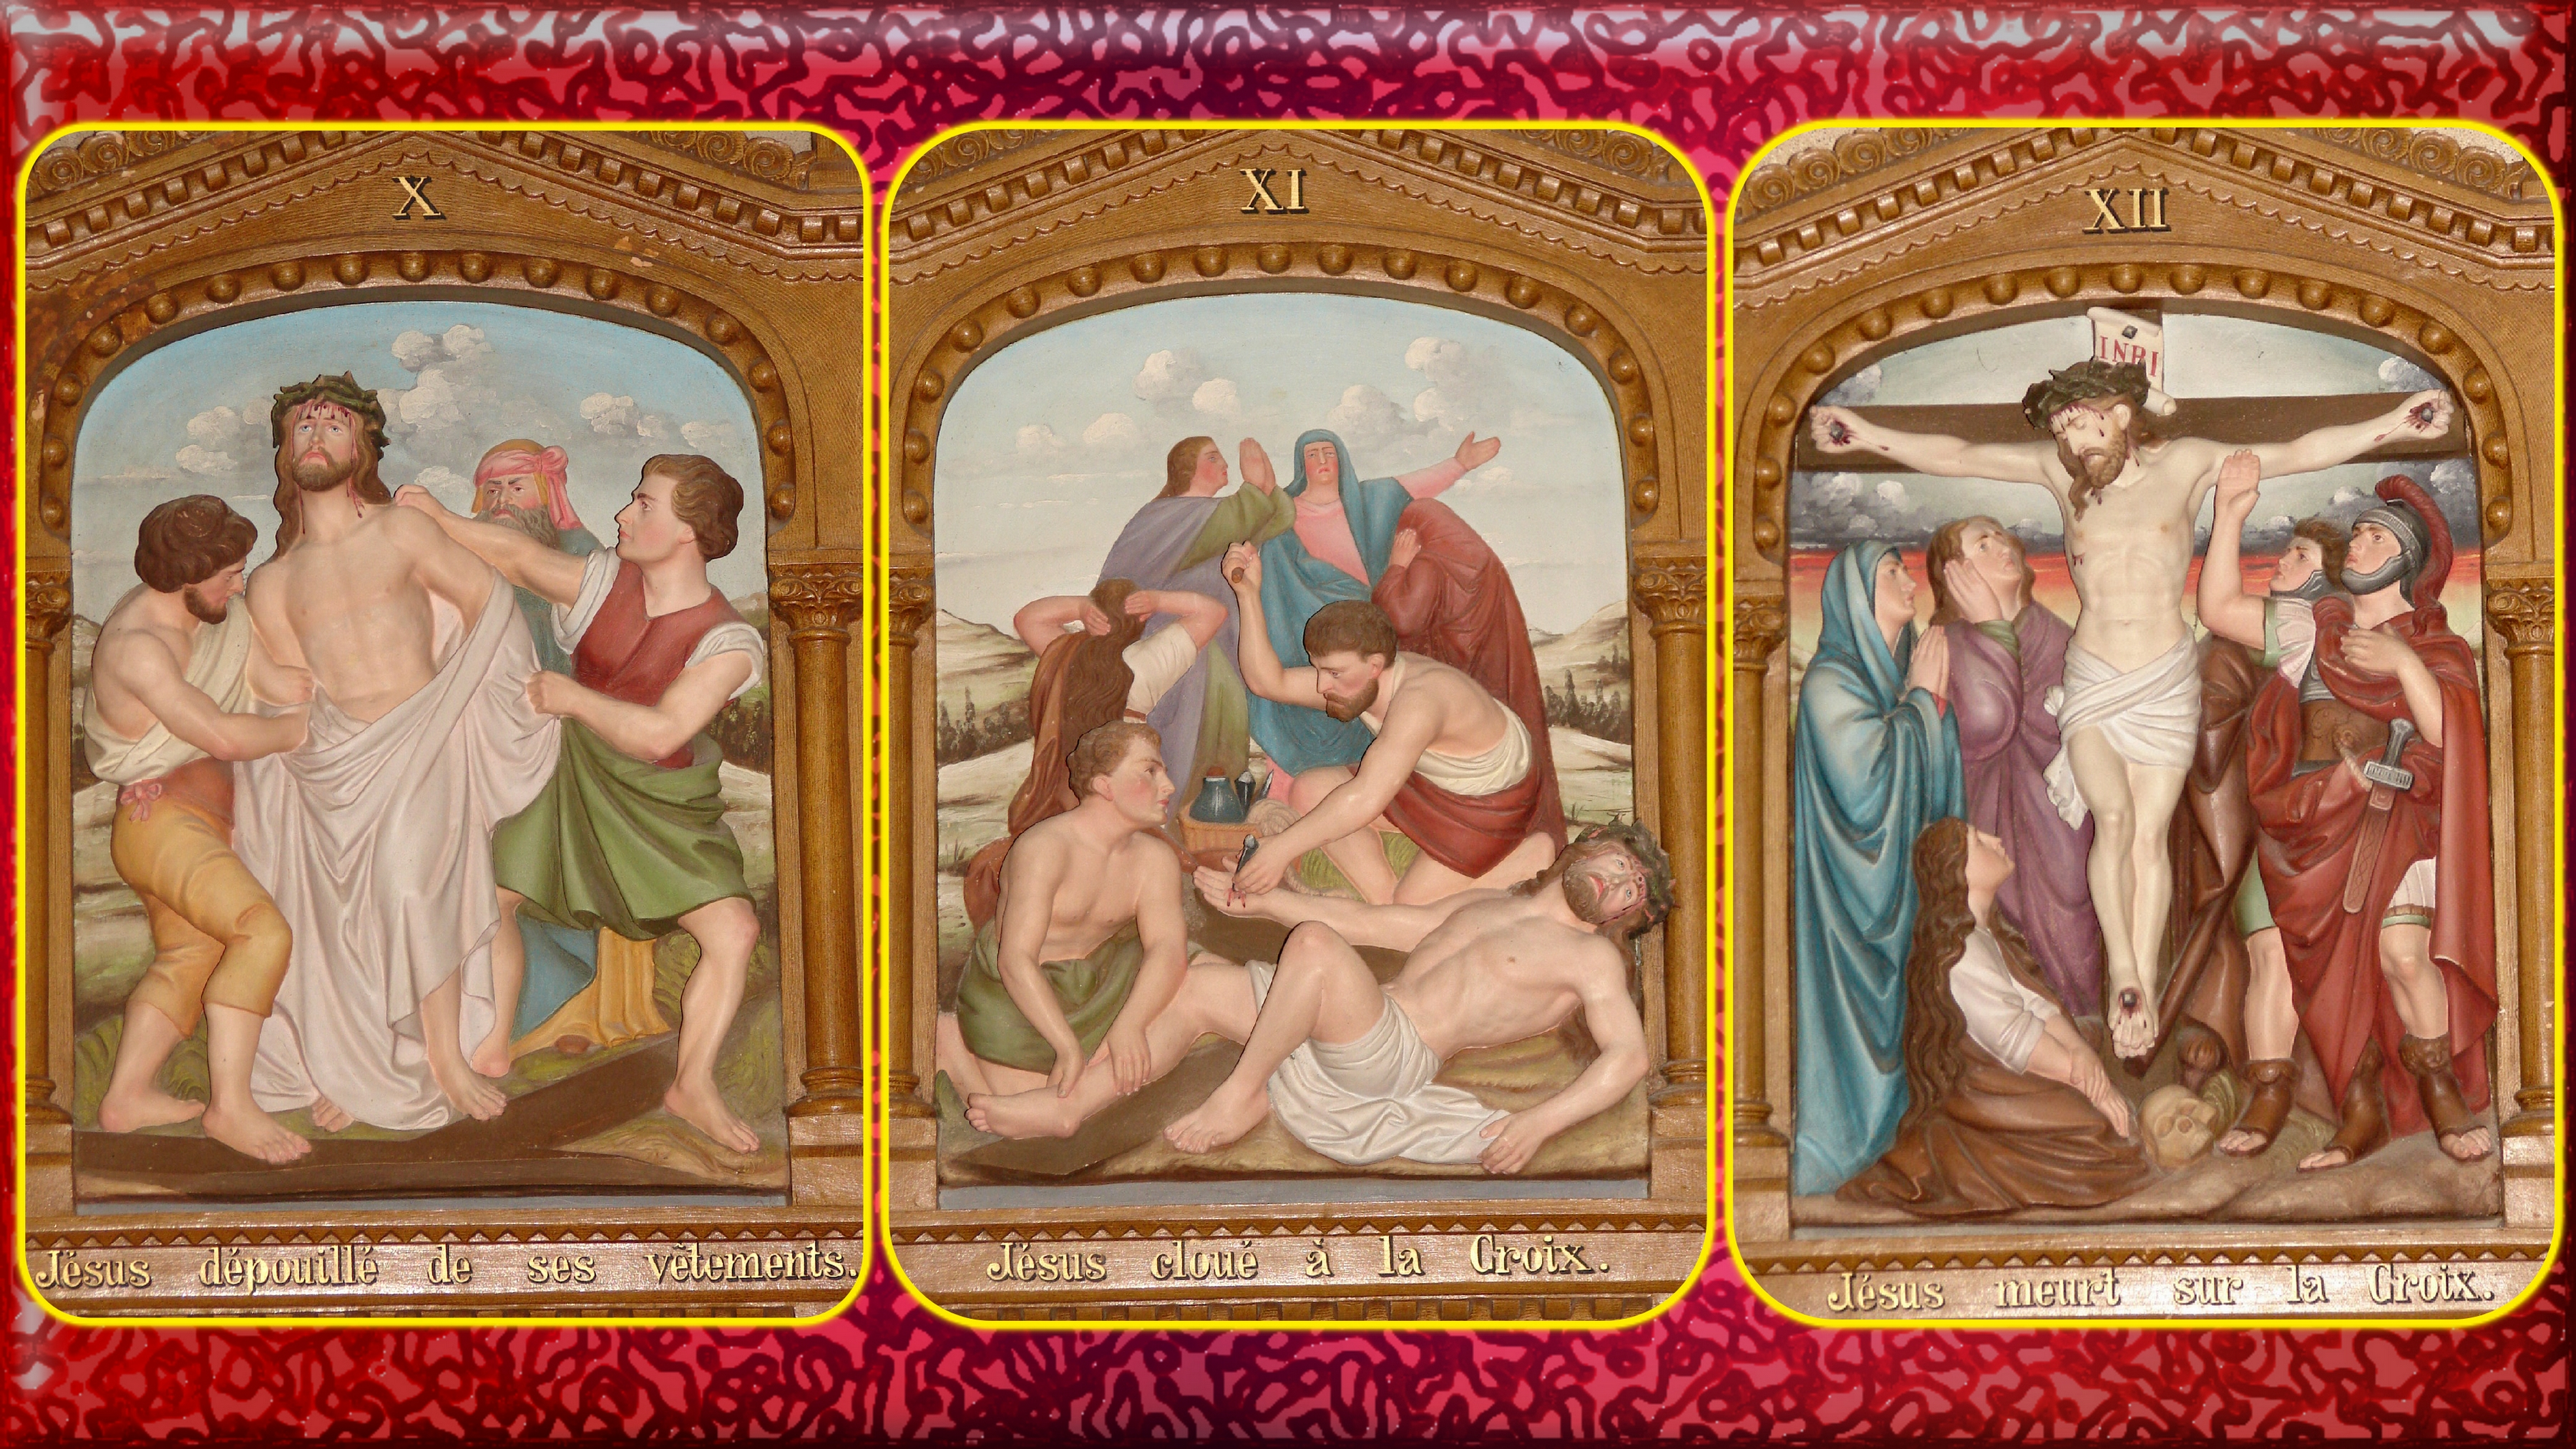 Le Rosaire en Images - Page 3 Chemin-de-la-croi...ns-10-12-5600492